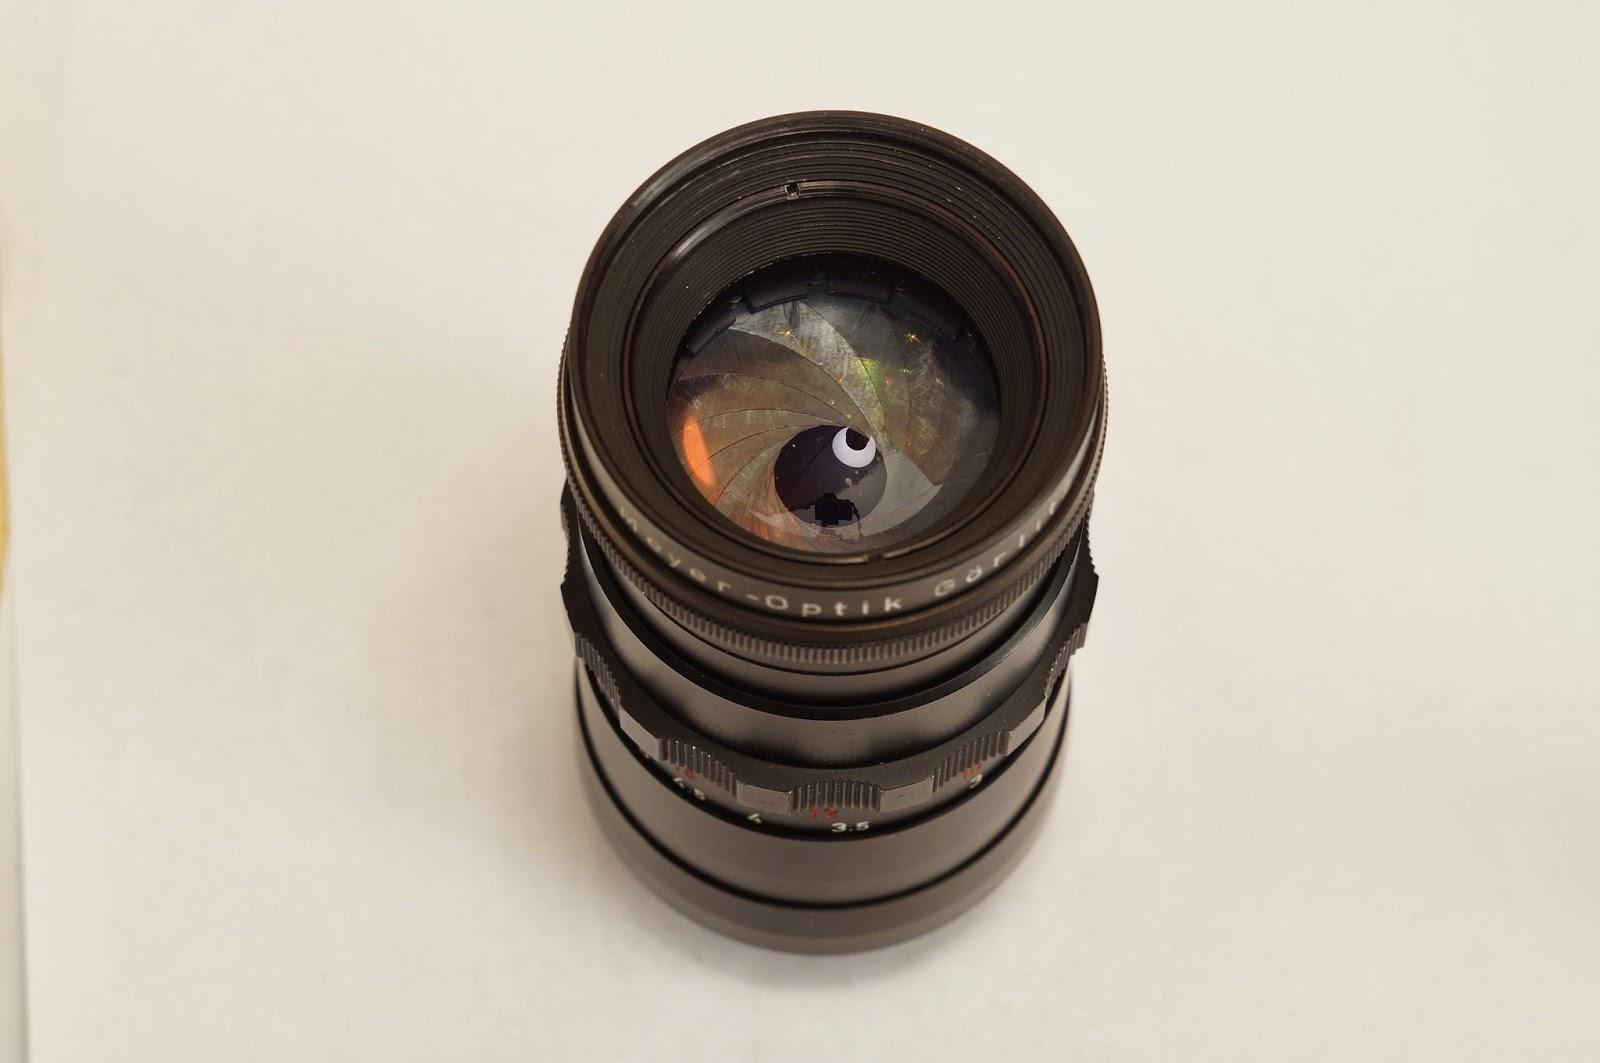 Meyer-Optik Görlitz Telemegor 5.5/180